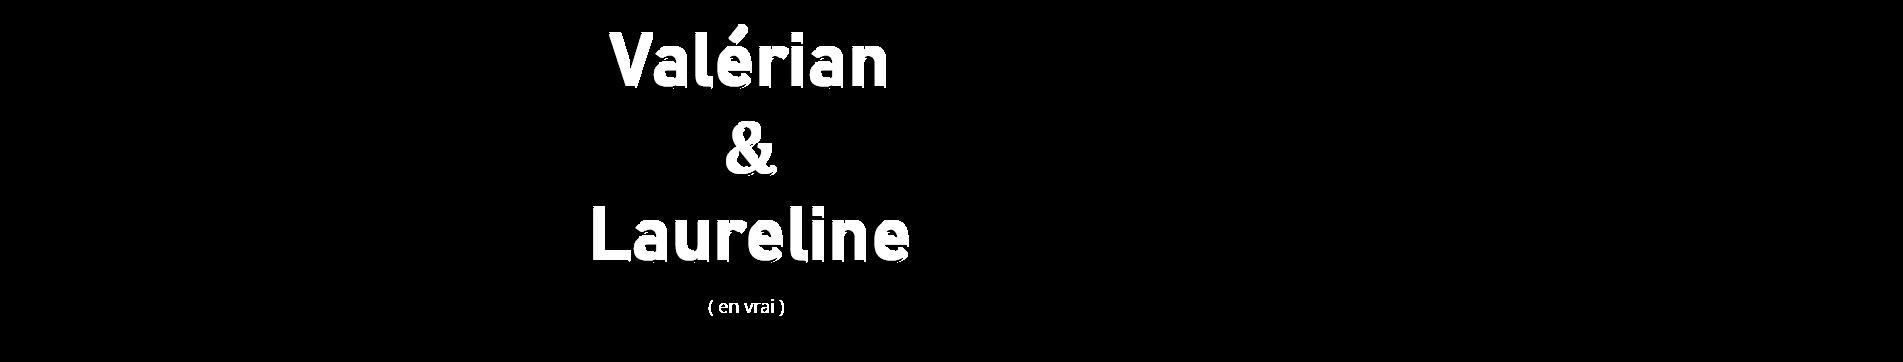 Valerian&LaurelineBanniereTitre.png